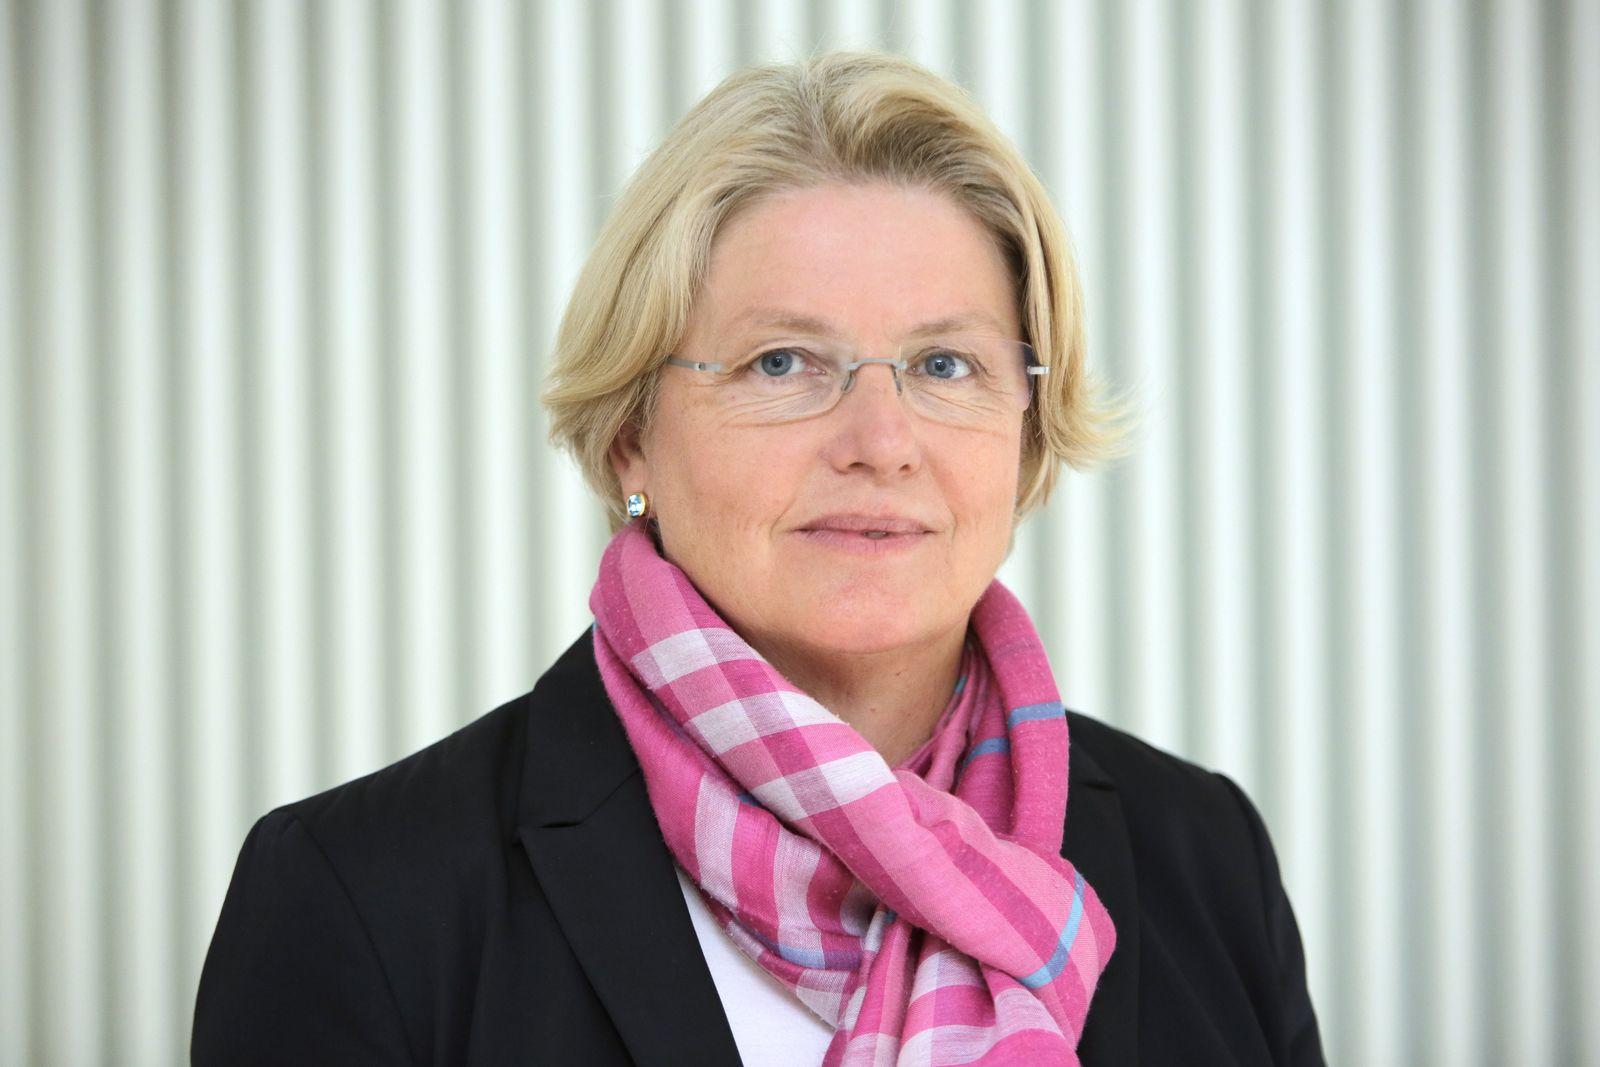 Claudia Wiesemann